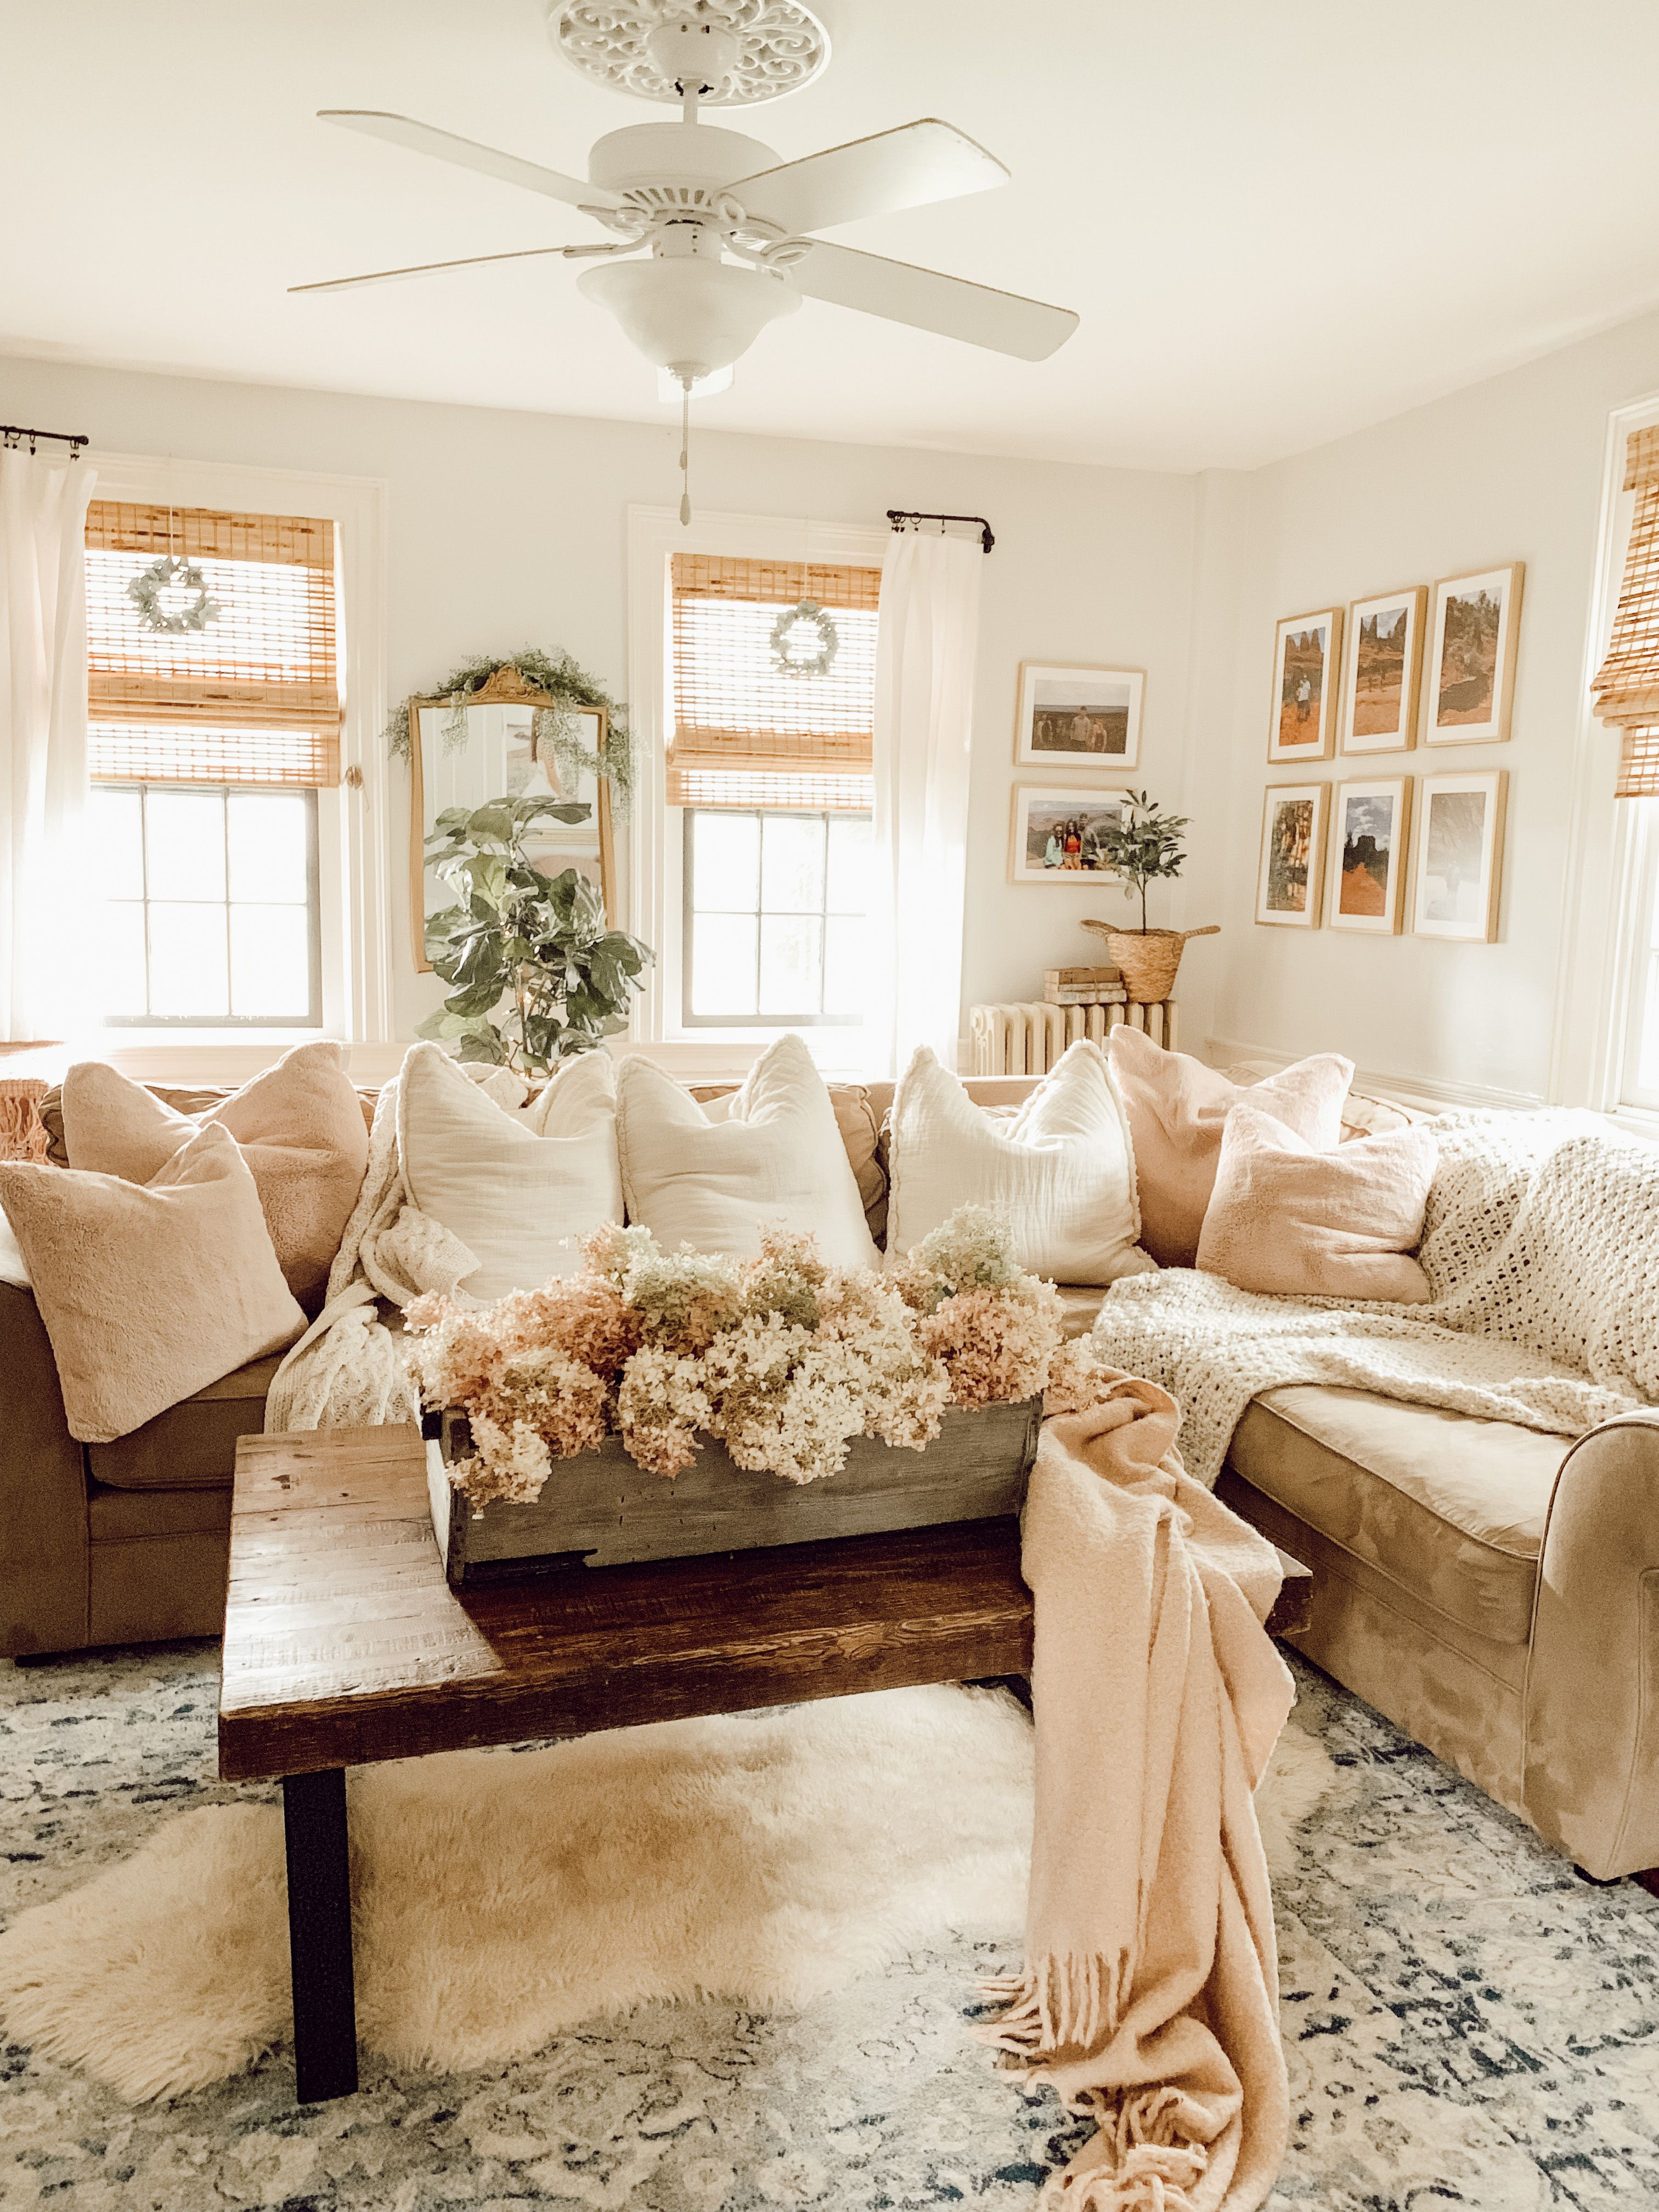 #family oom #kidsroom #cozylivingroom #cottagestyle #potterybarn #sectional #rugsinlivingroom #pillows #fixerupper #familytime #familyfriendly